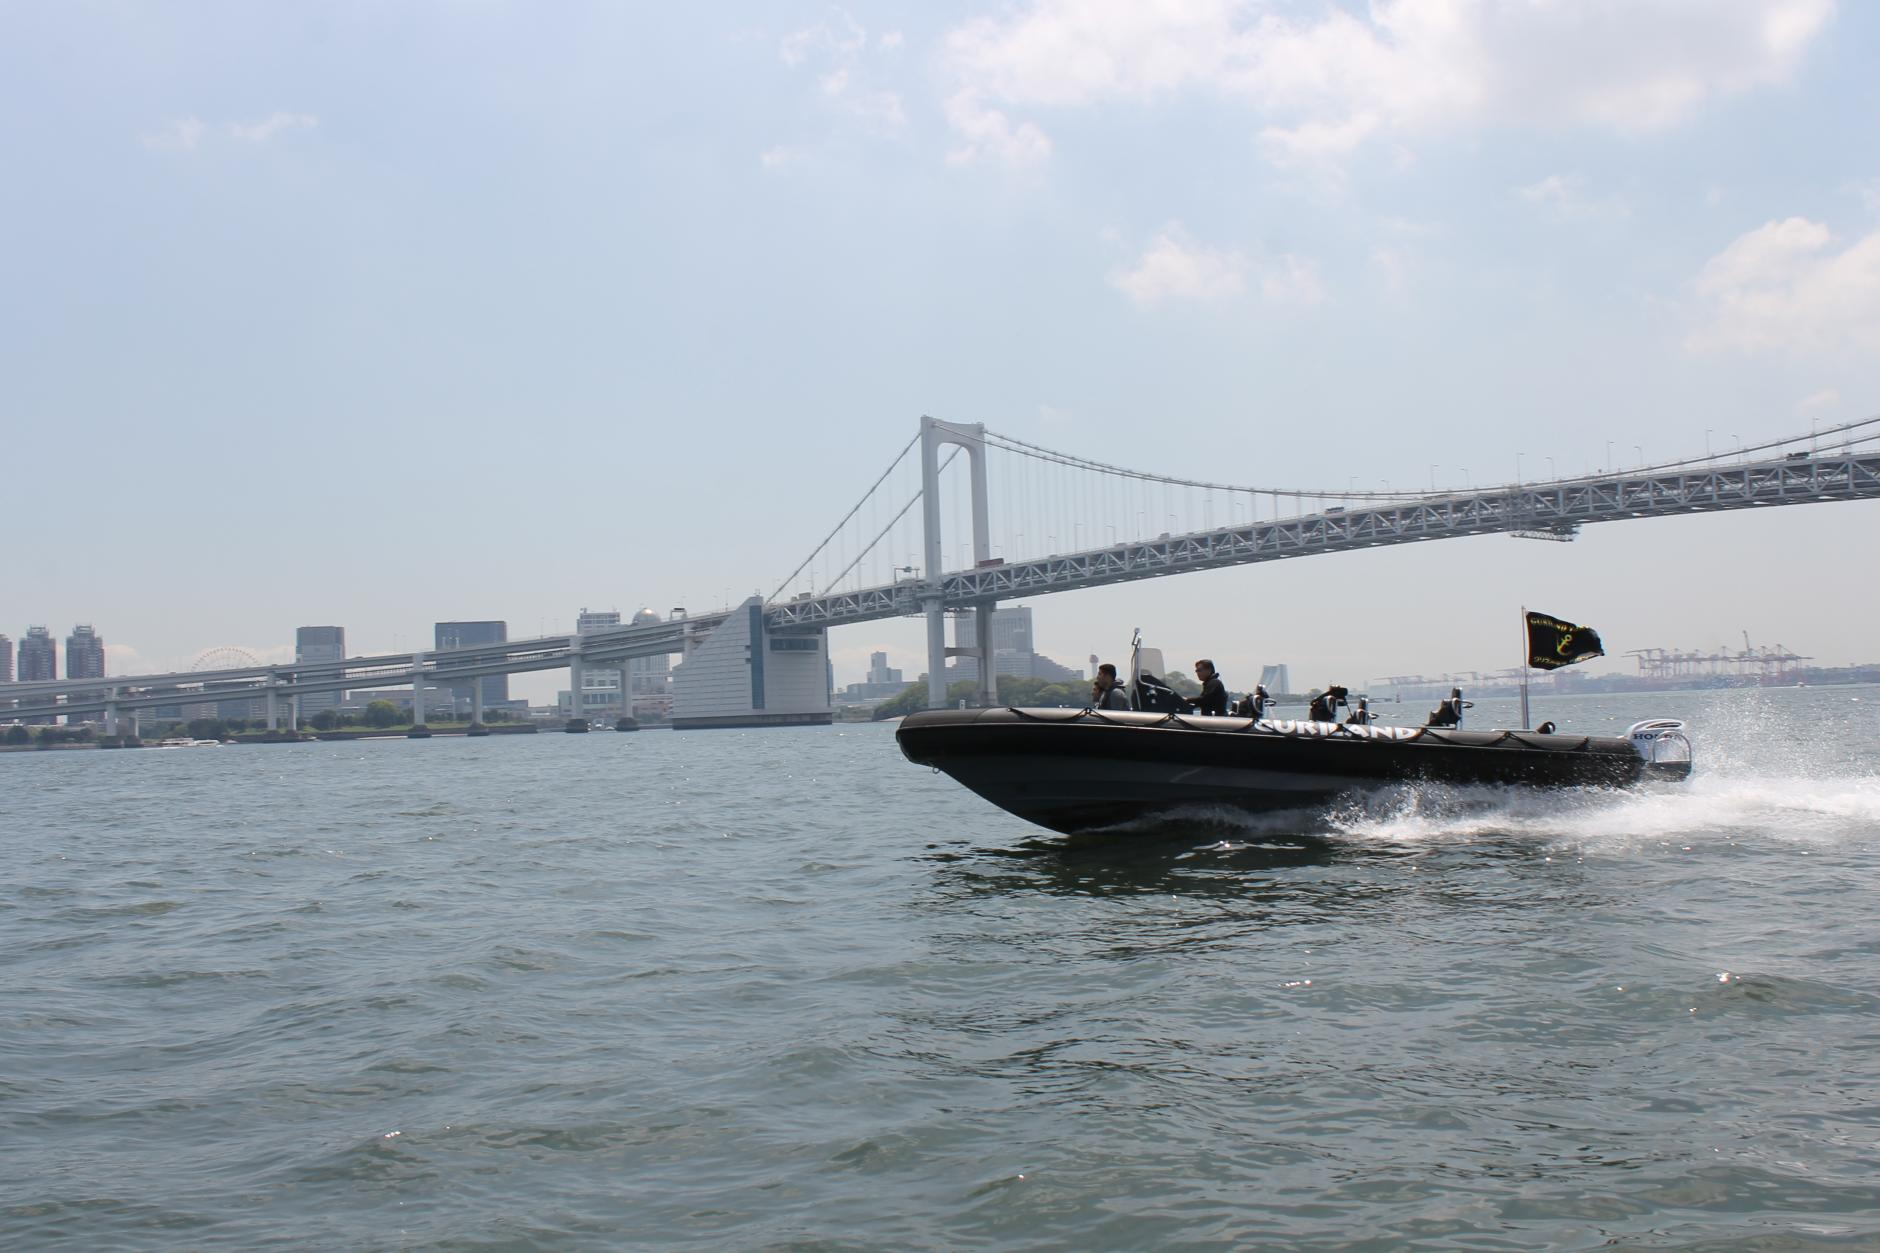 2/11から運行開始!東京湾初のアトラクション型高速クルーズ